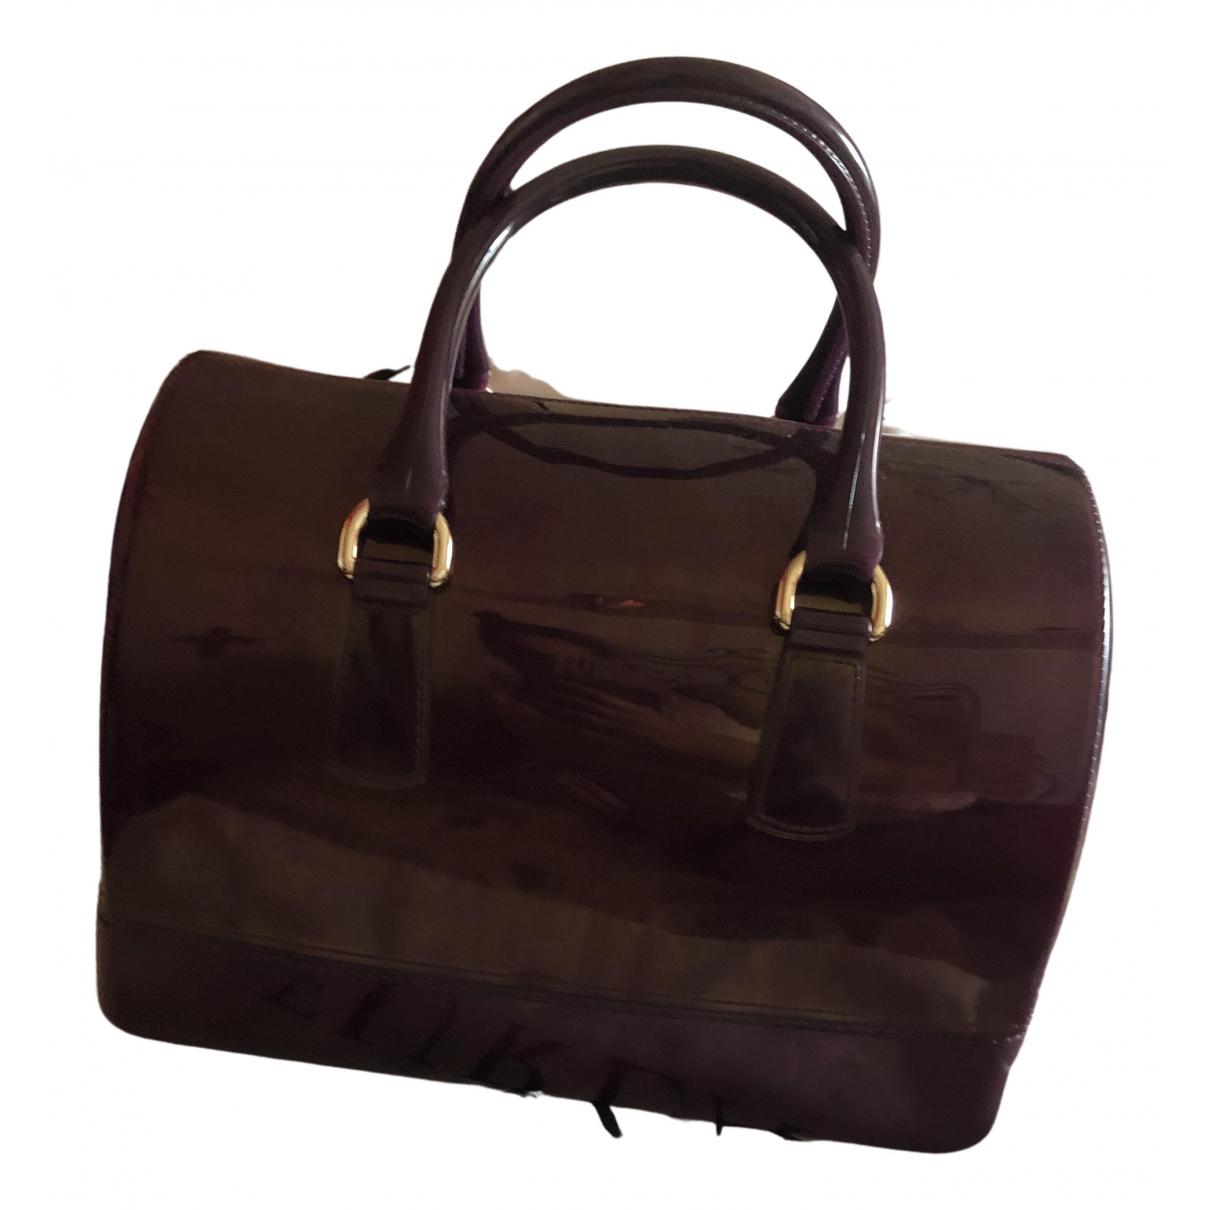 Furla Candy Bag Handtasche in  Bordeauxrot Kunststoff